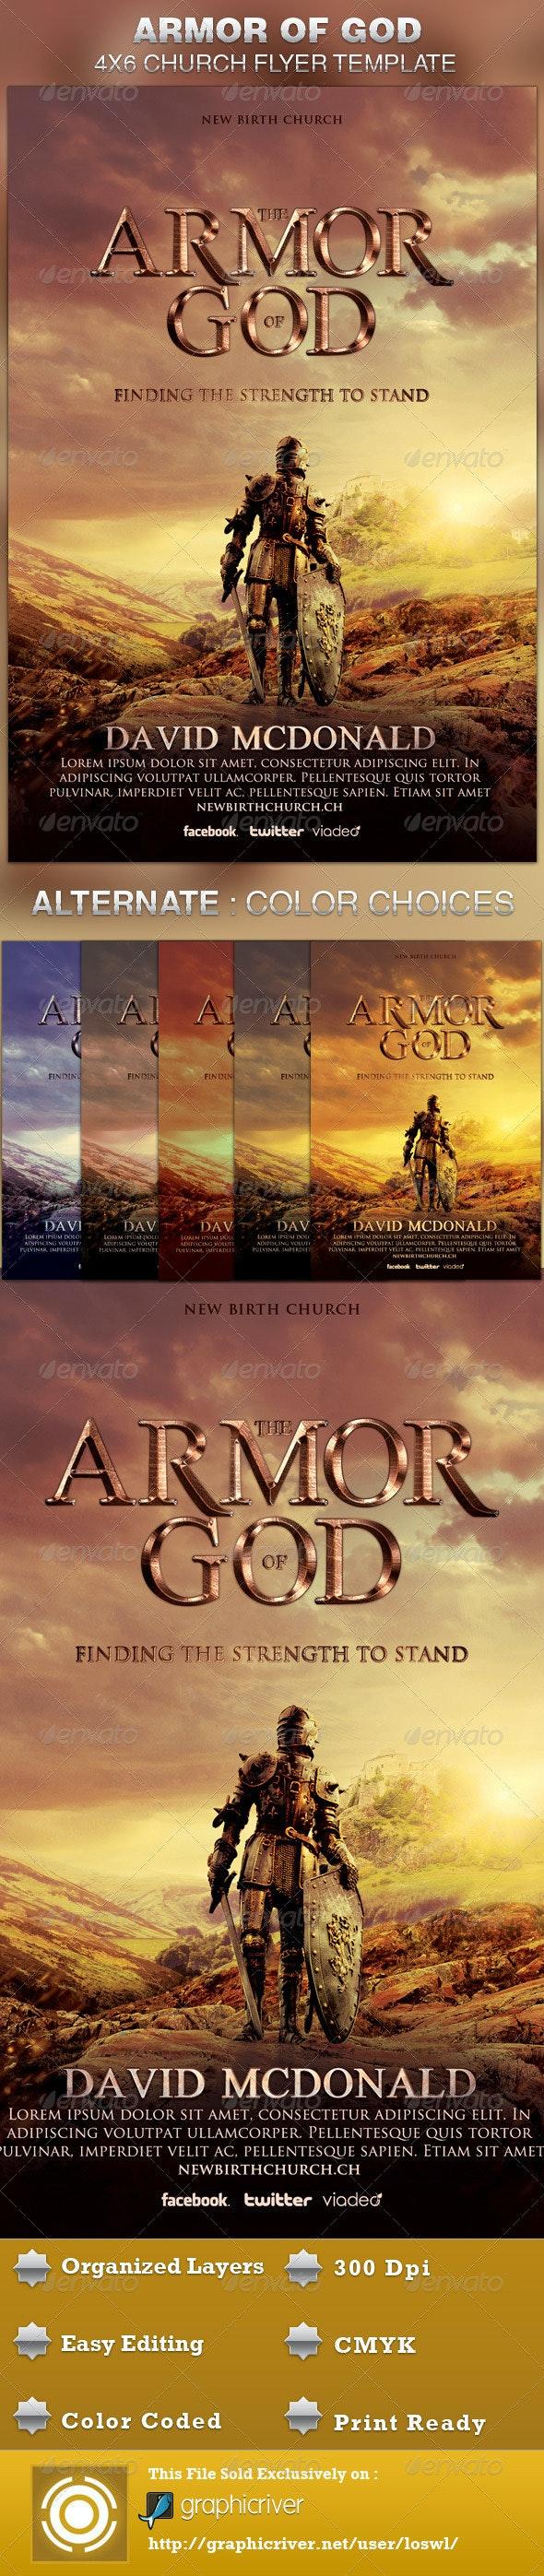 Armor of God Church Flyer Template - Church Flyers